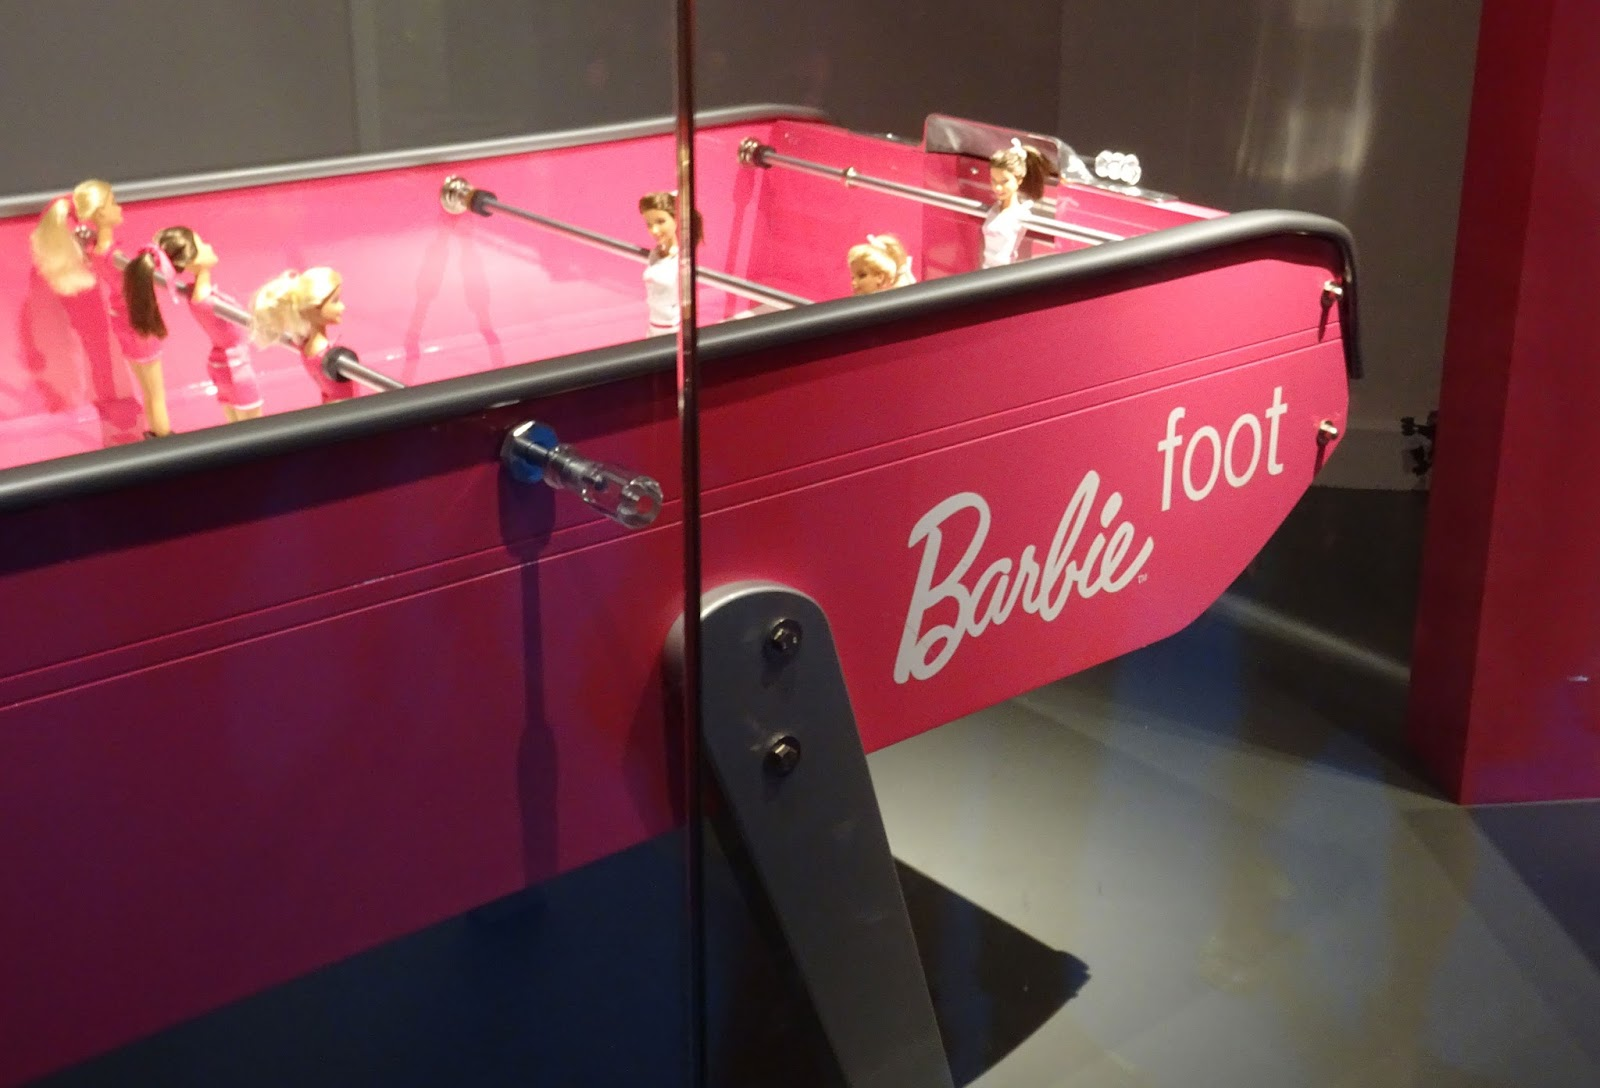 Exposition Barbie Musée des Arts Décoratifs Barbie Foot